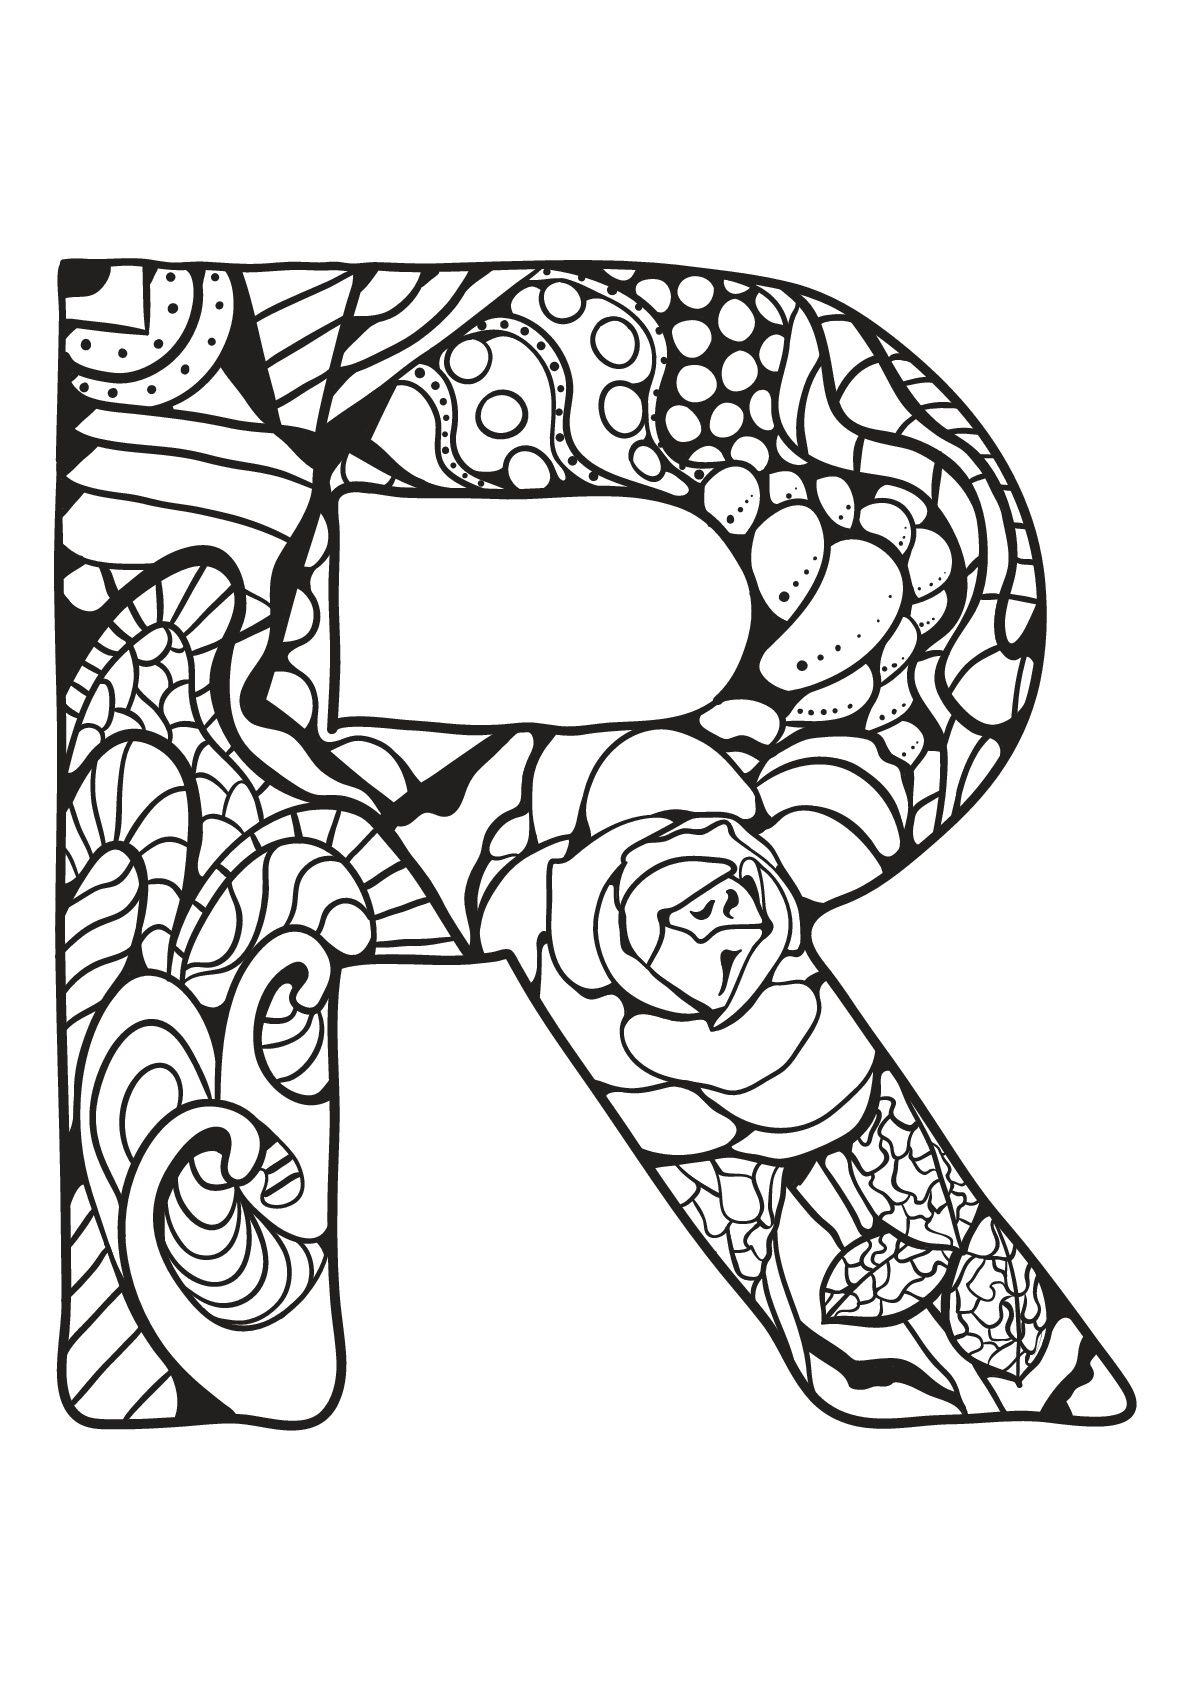 Alphabet Lettre R Alphabet Lettre R A Partir De La Galerie Alphabet Source Livre Coloriage Par Peksel Coloriage Alphabet Alphabet A Colorier Coloriage